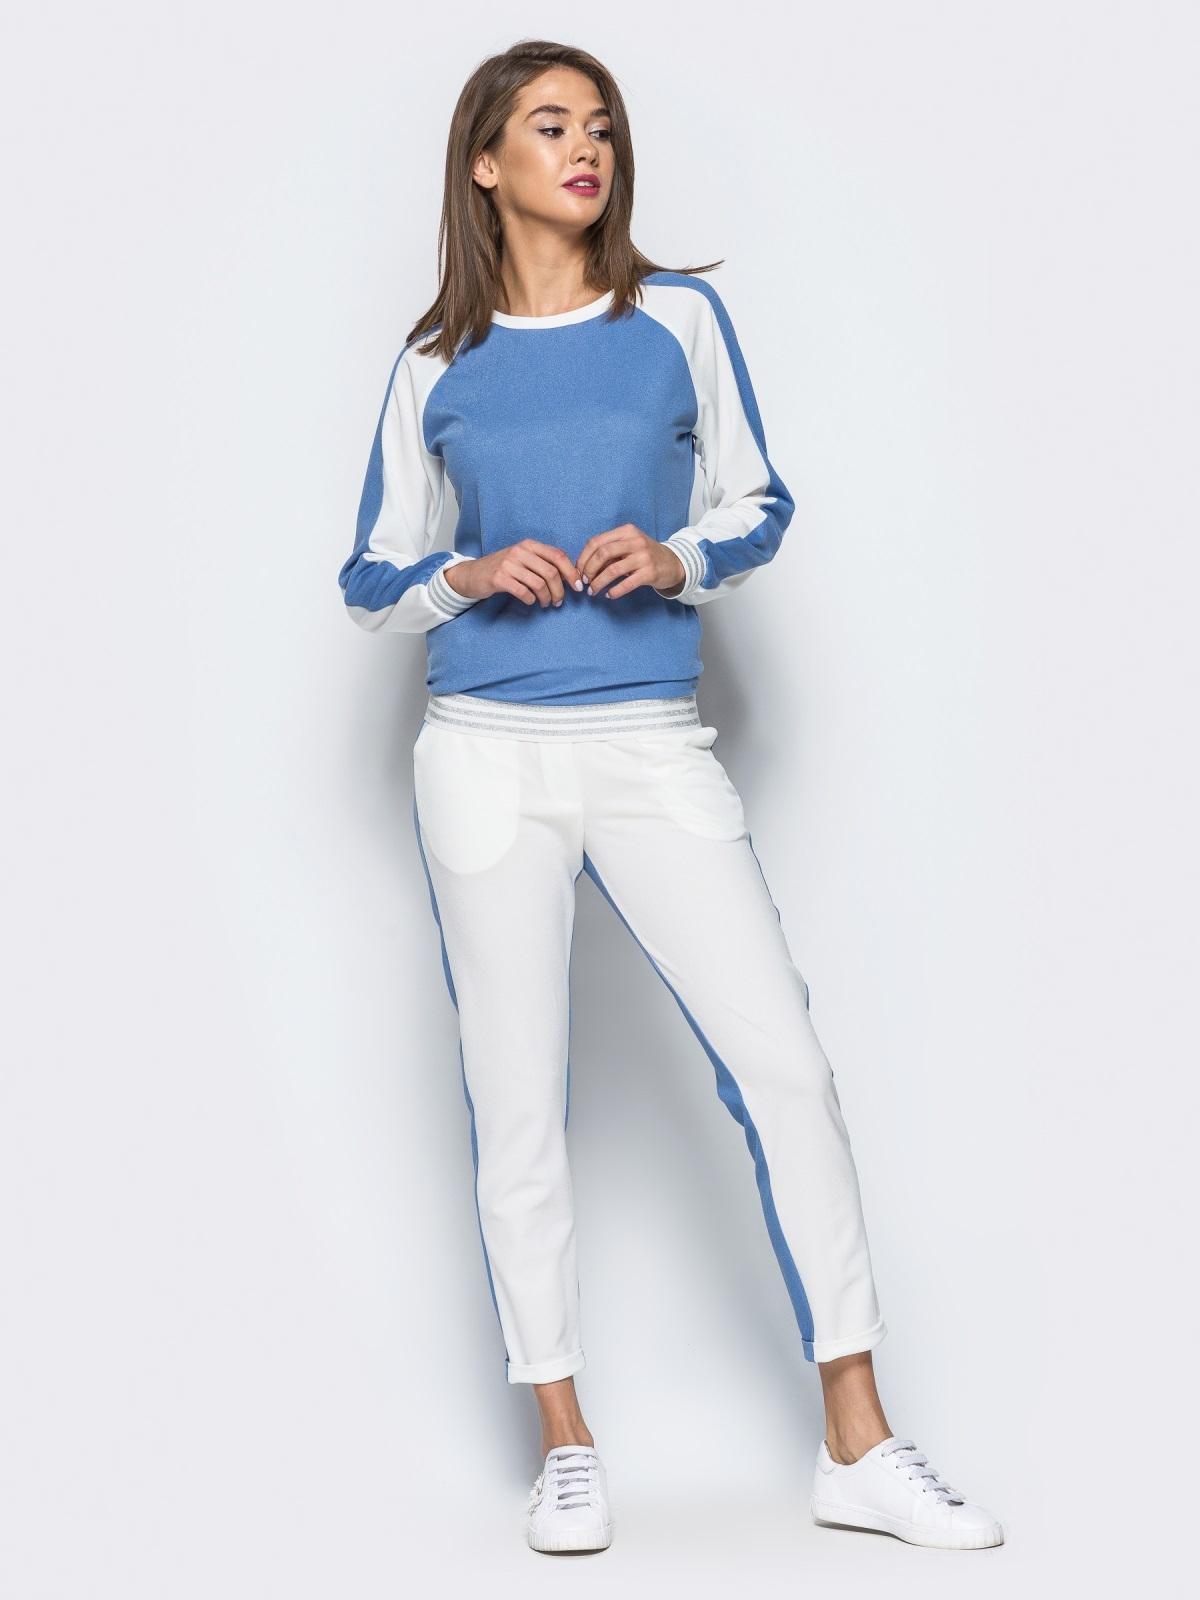 Белый комплект с голубой полочкой на кофте - 16902, фото 1 – интернет-магазин Dressa